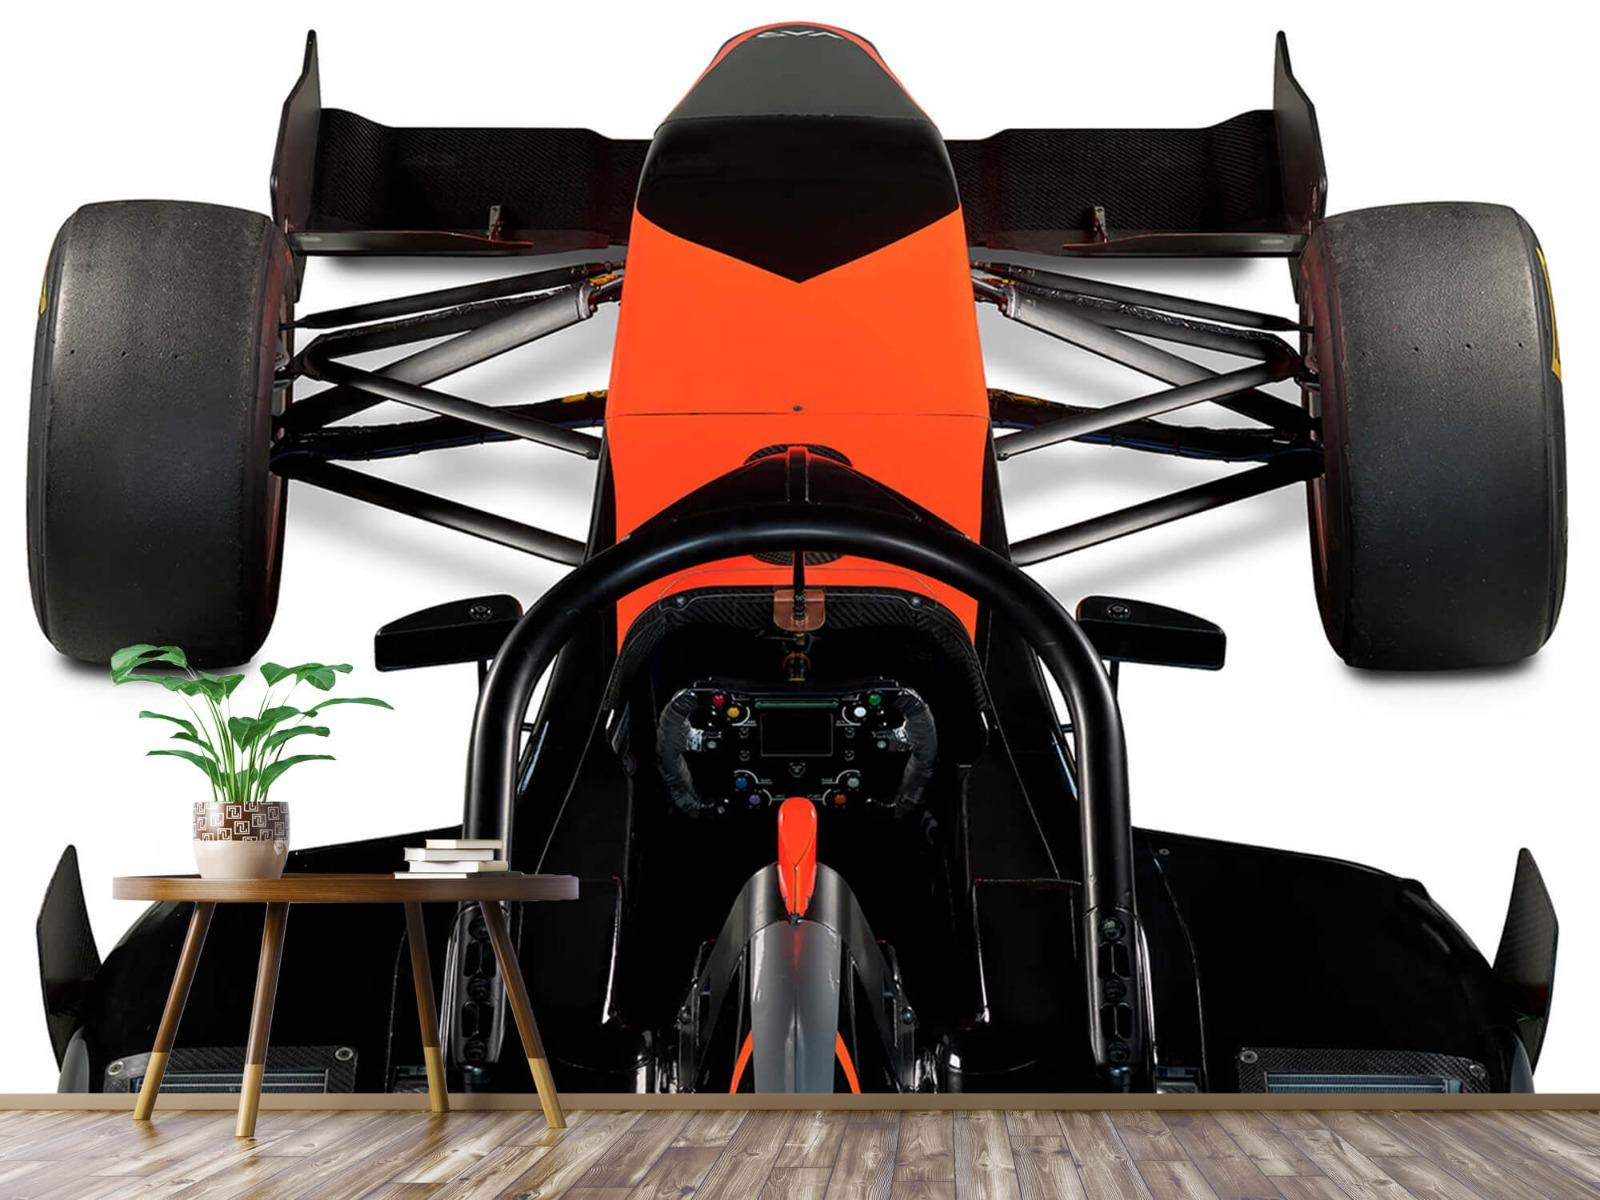 Sportauto's - Formule 3 - Cockpit view - Computerruimte 4